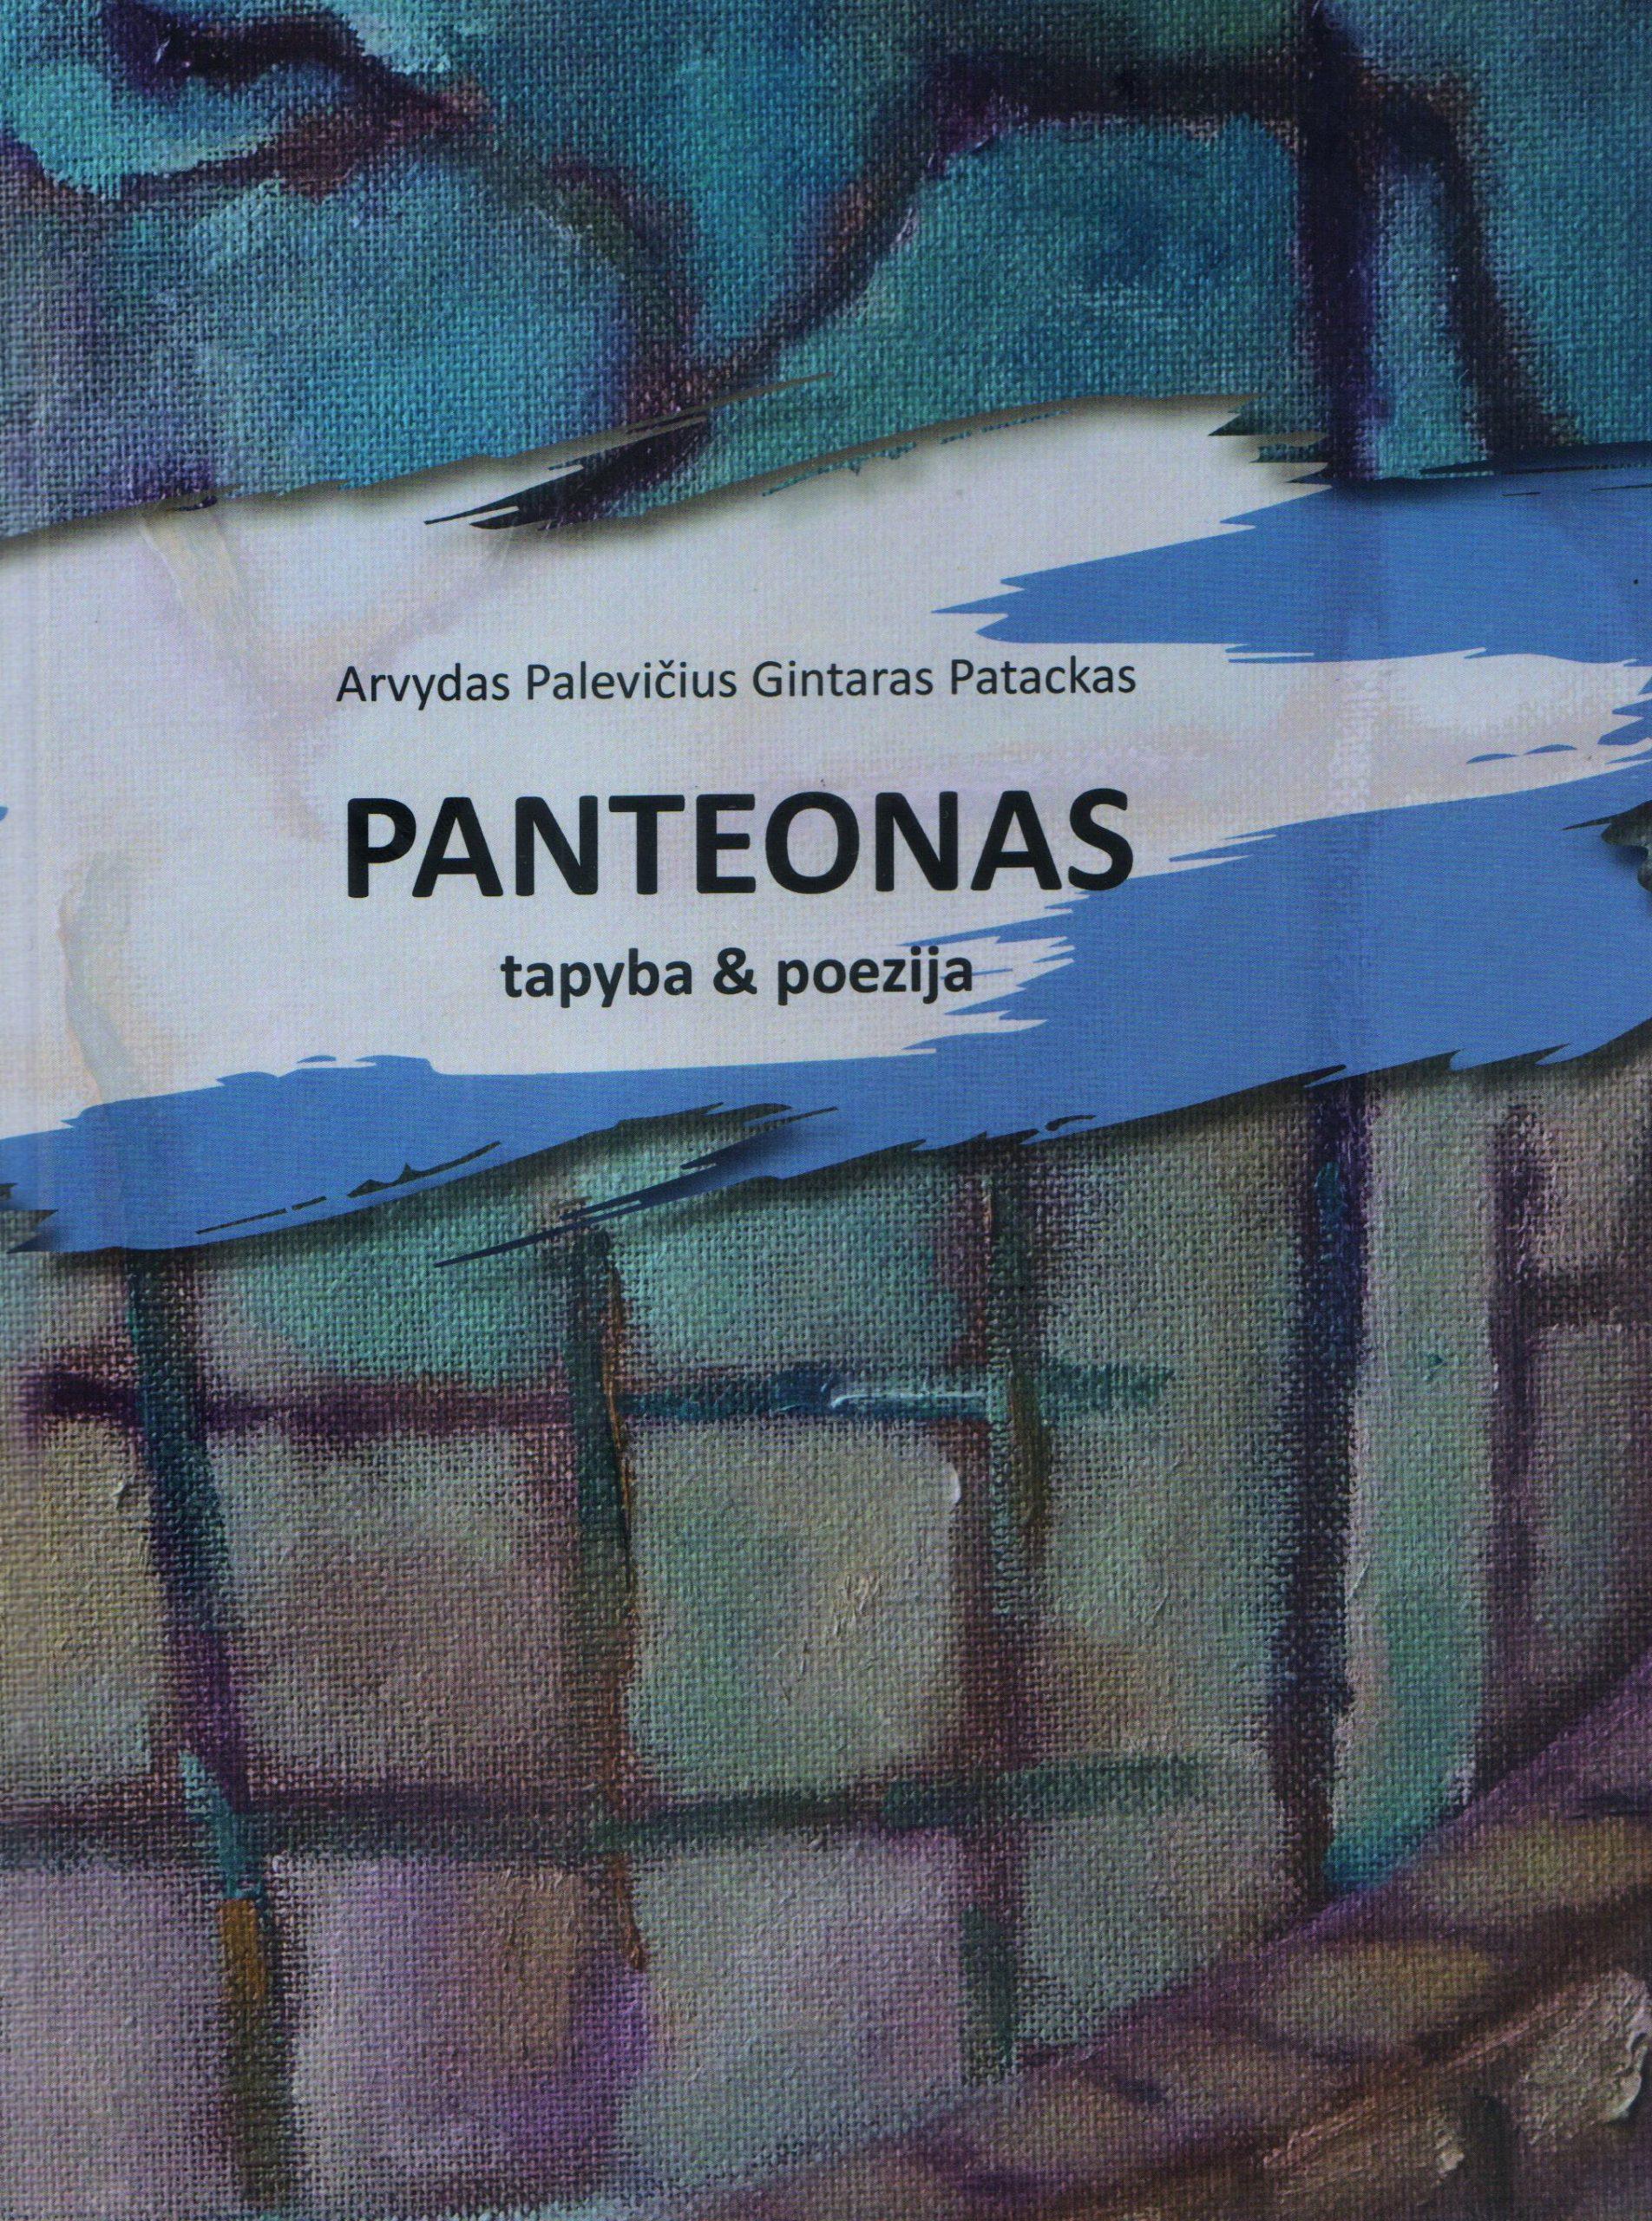 """Gintaras Patackas, Arvydas Palevičius. """"Panteonas: tapyba & poezija"""" (Kaunas: MB Kitos spalvos, 2020)"""